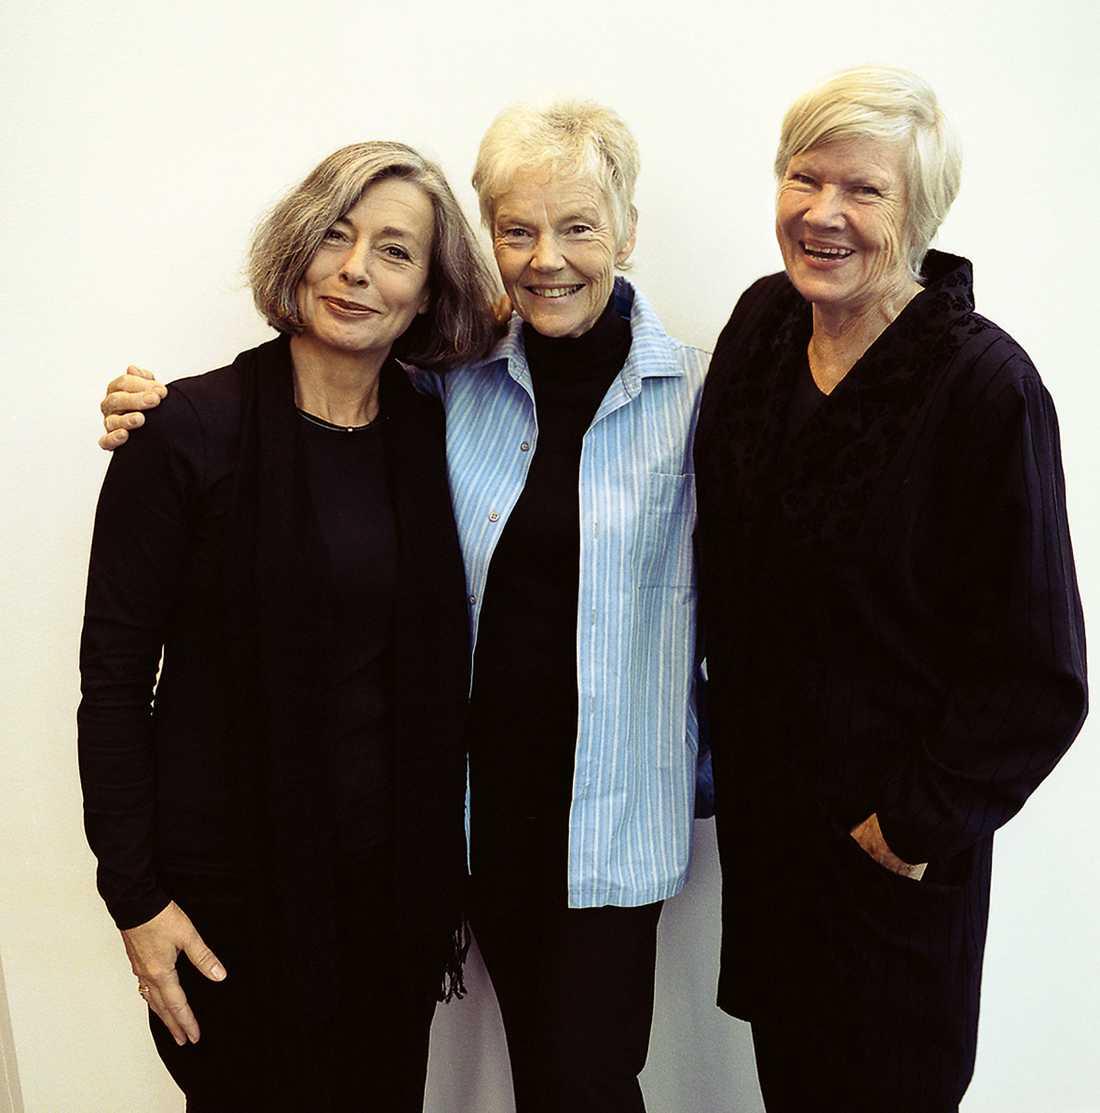 Åsa Moberg, Märta Tikkanen och Birgitta Stenberg brevväxlade i årtionden.